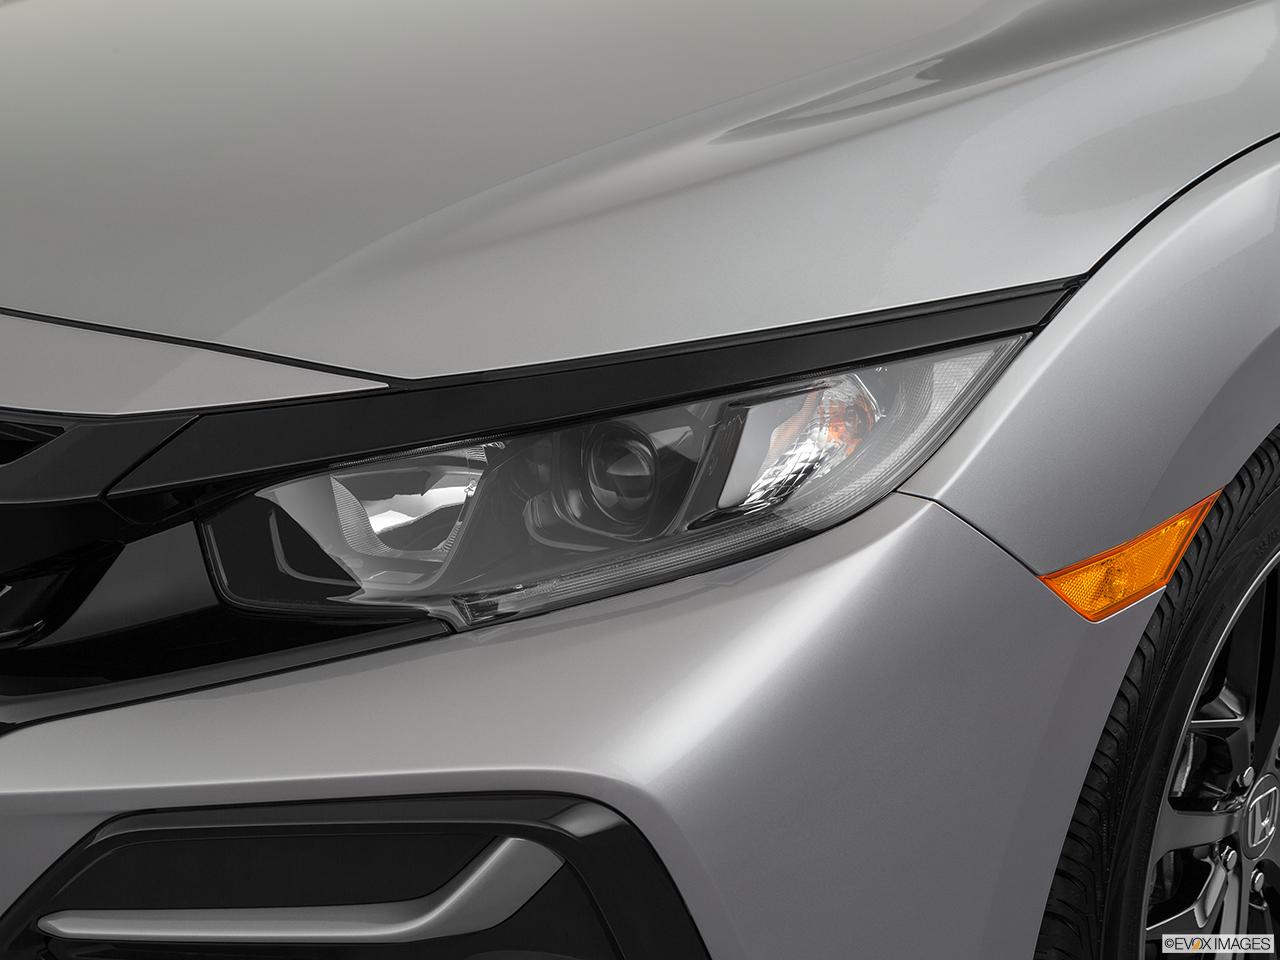 2020 Honda Civic photo